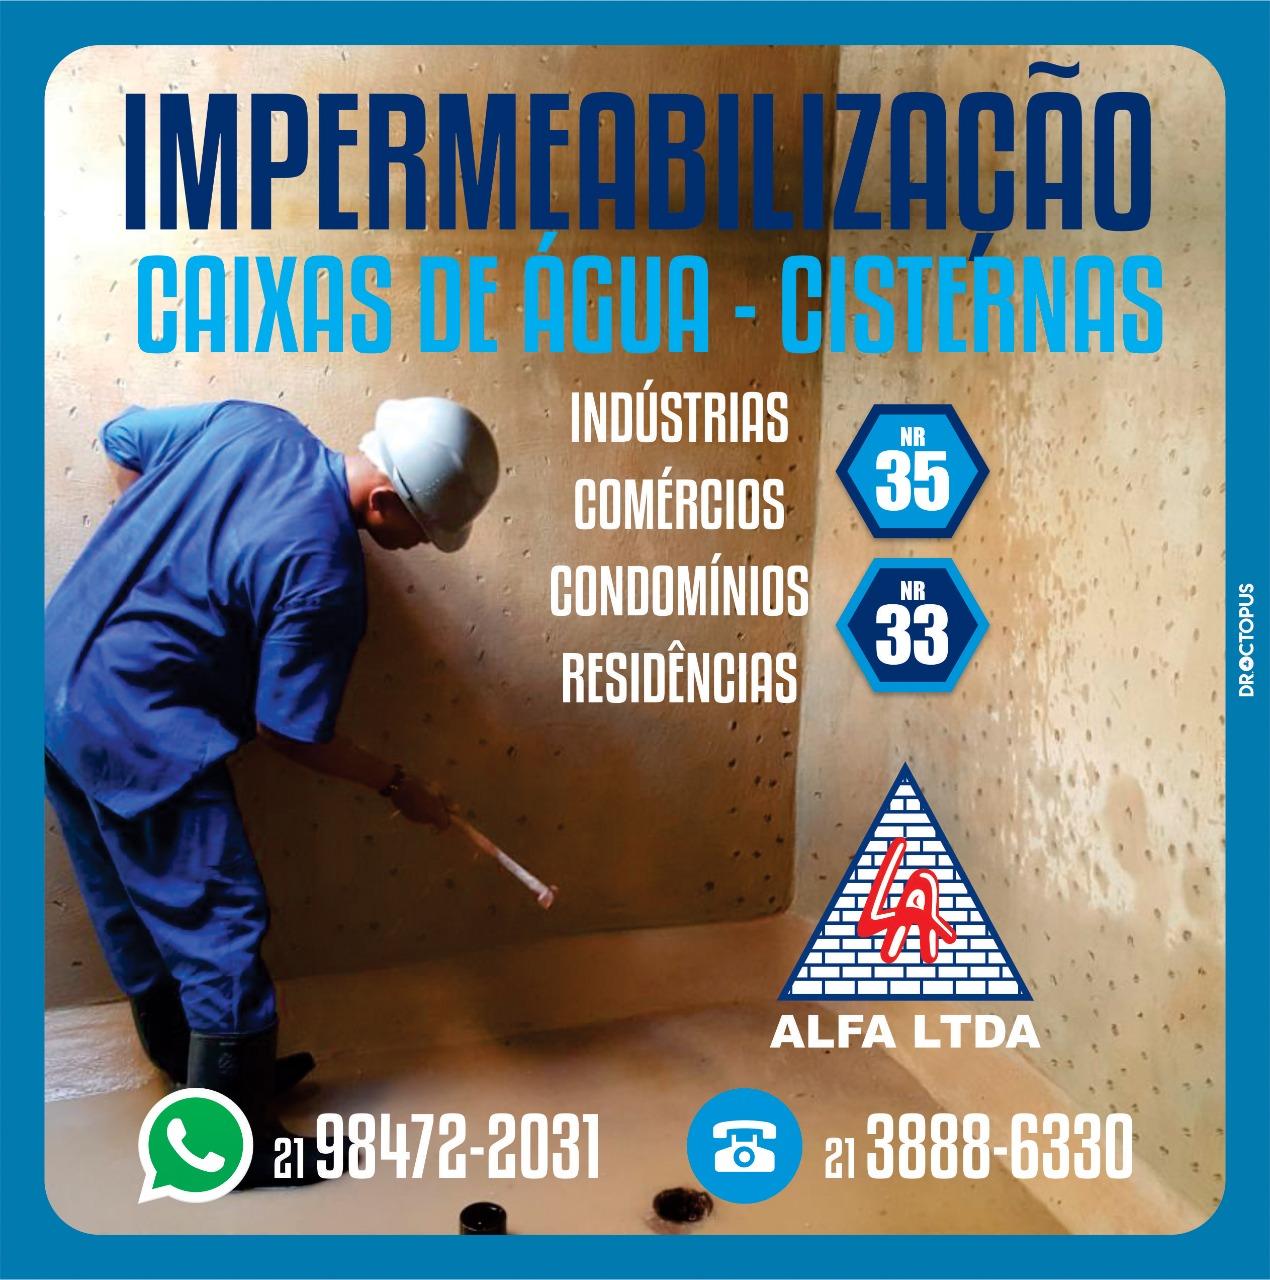 impermeabilizacao-caixas-industrias-comercios